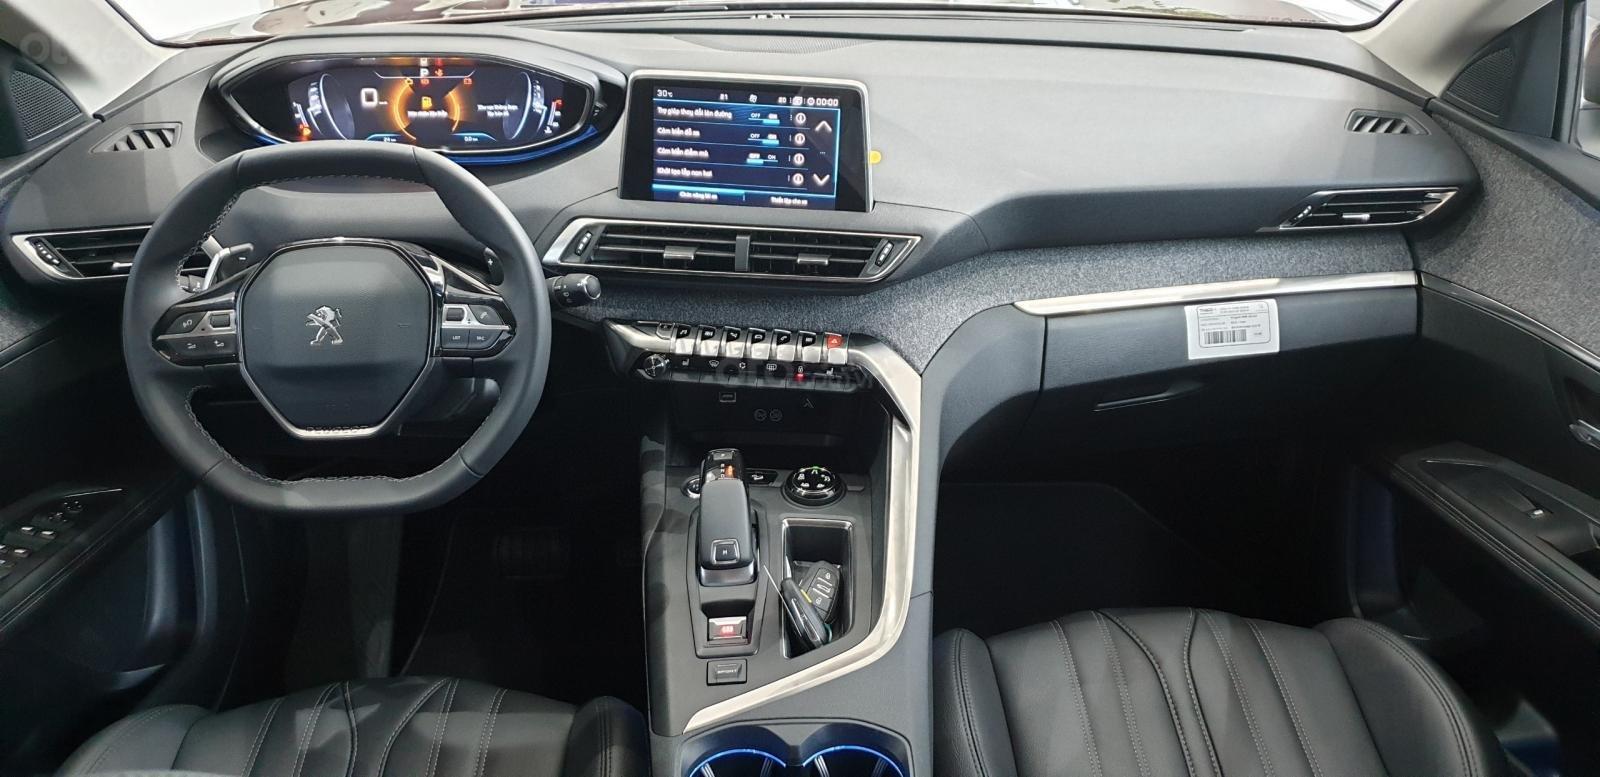 Peugeot Thanh Xuân - Peugeot 3008 AN giá tốt nhất thị trường + bảo hành chính hãng lên tới 5 năm (6)